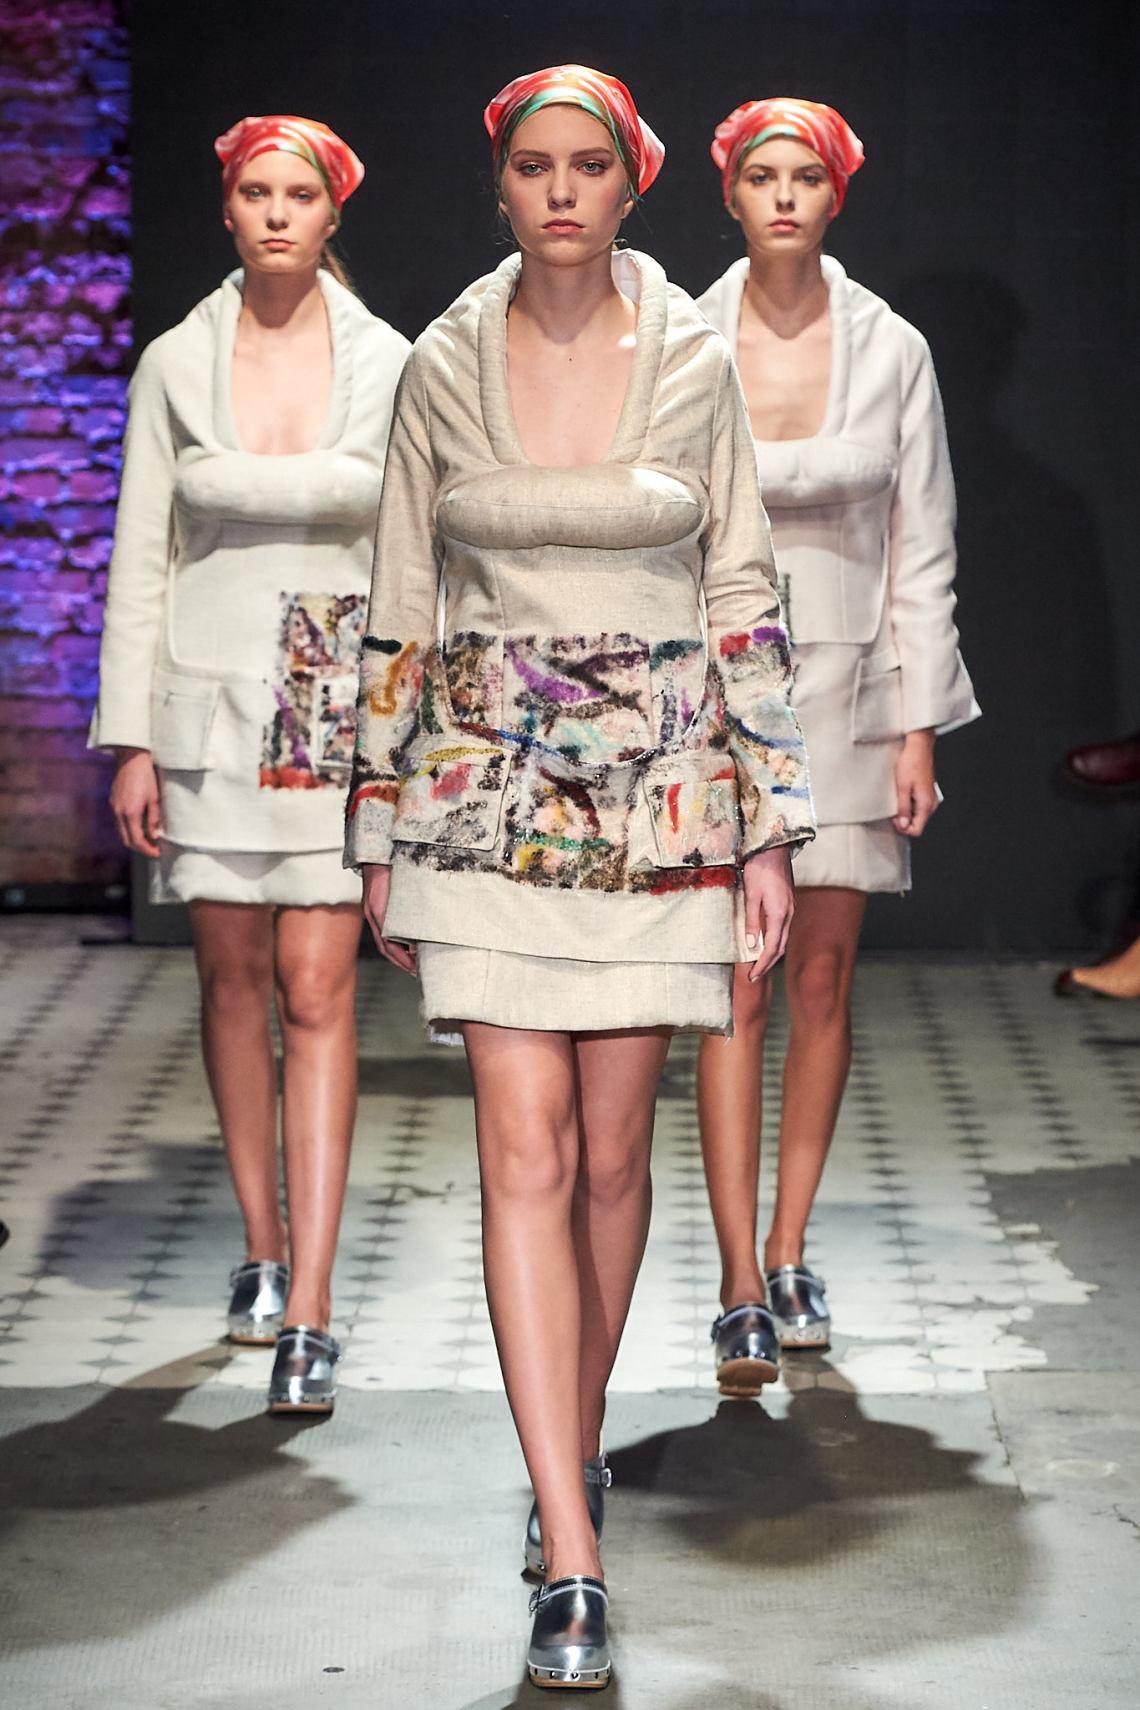 13_KTW_DAY2_121019_CZAK_lowres-fotFilipOkopny-FashionImages